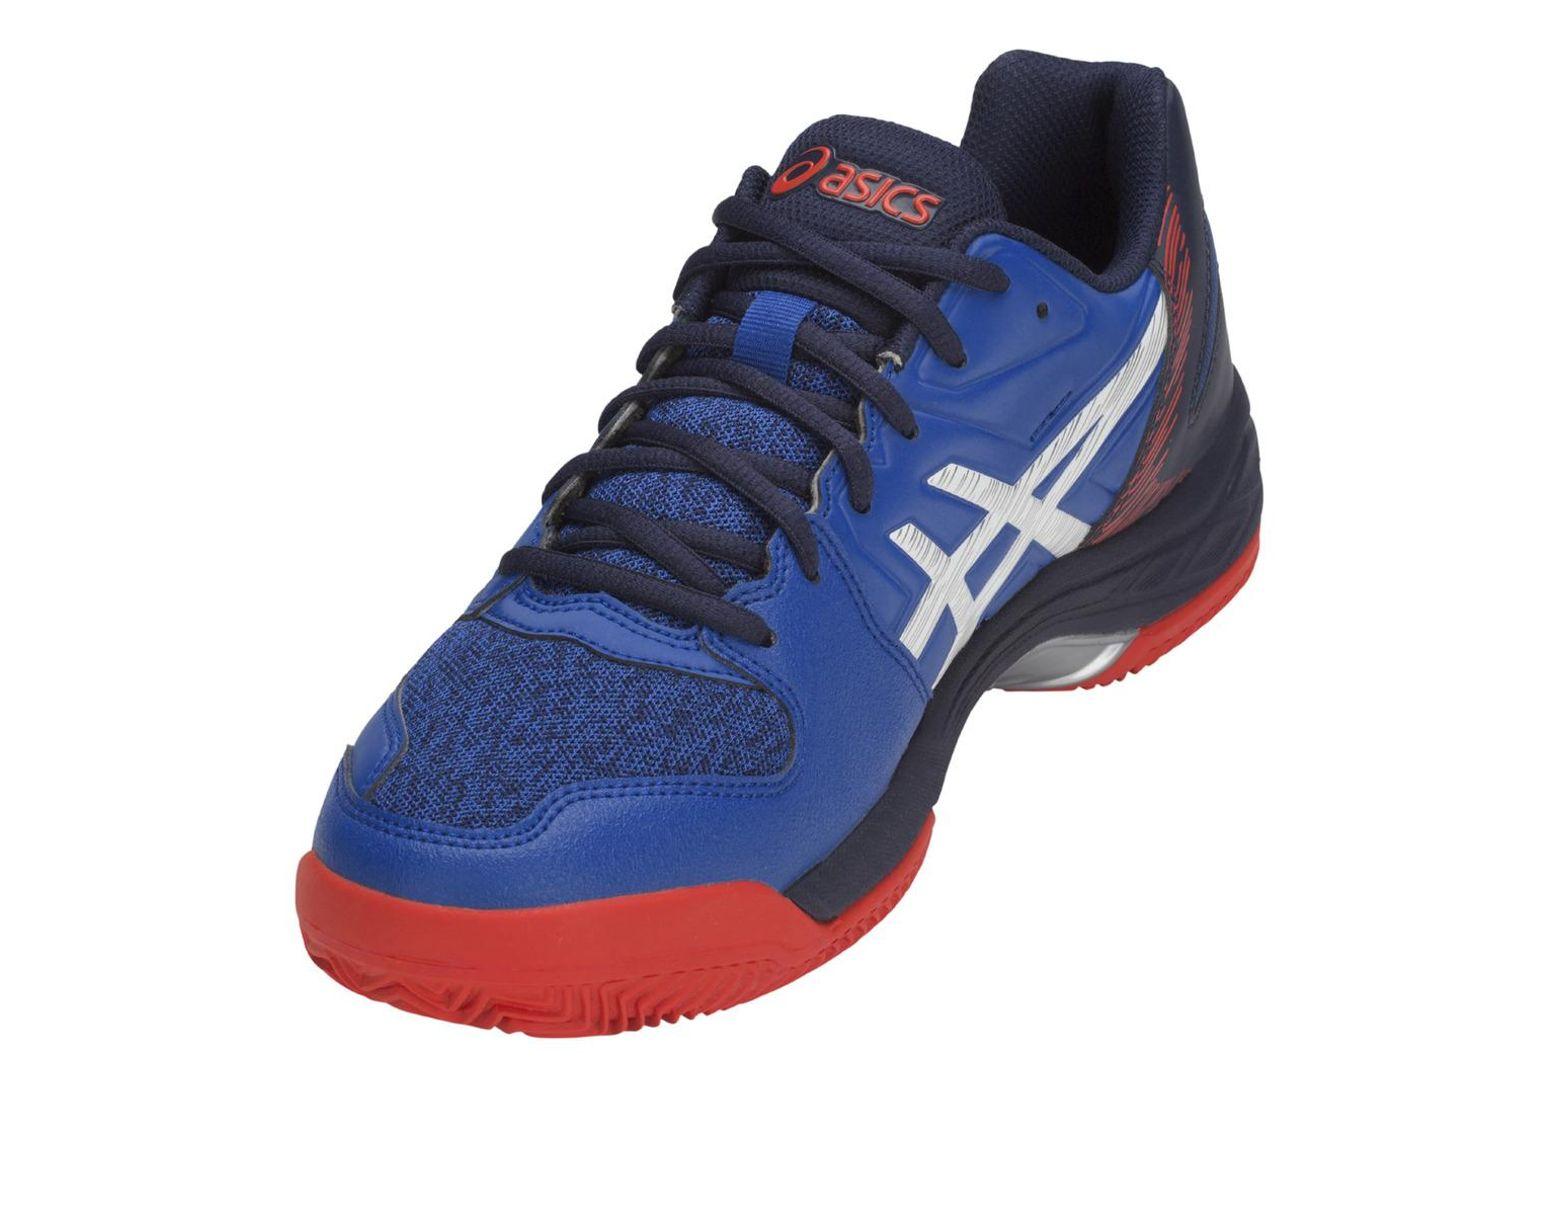 Men's Blue Gel padel Exclusive 5 Sg Paddle Tennis Shoes